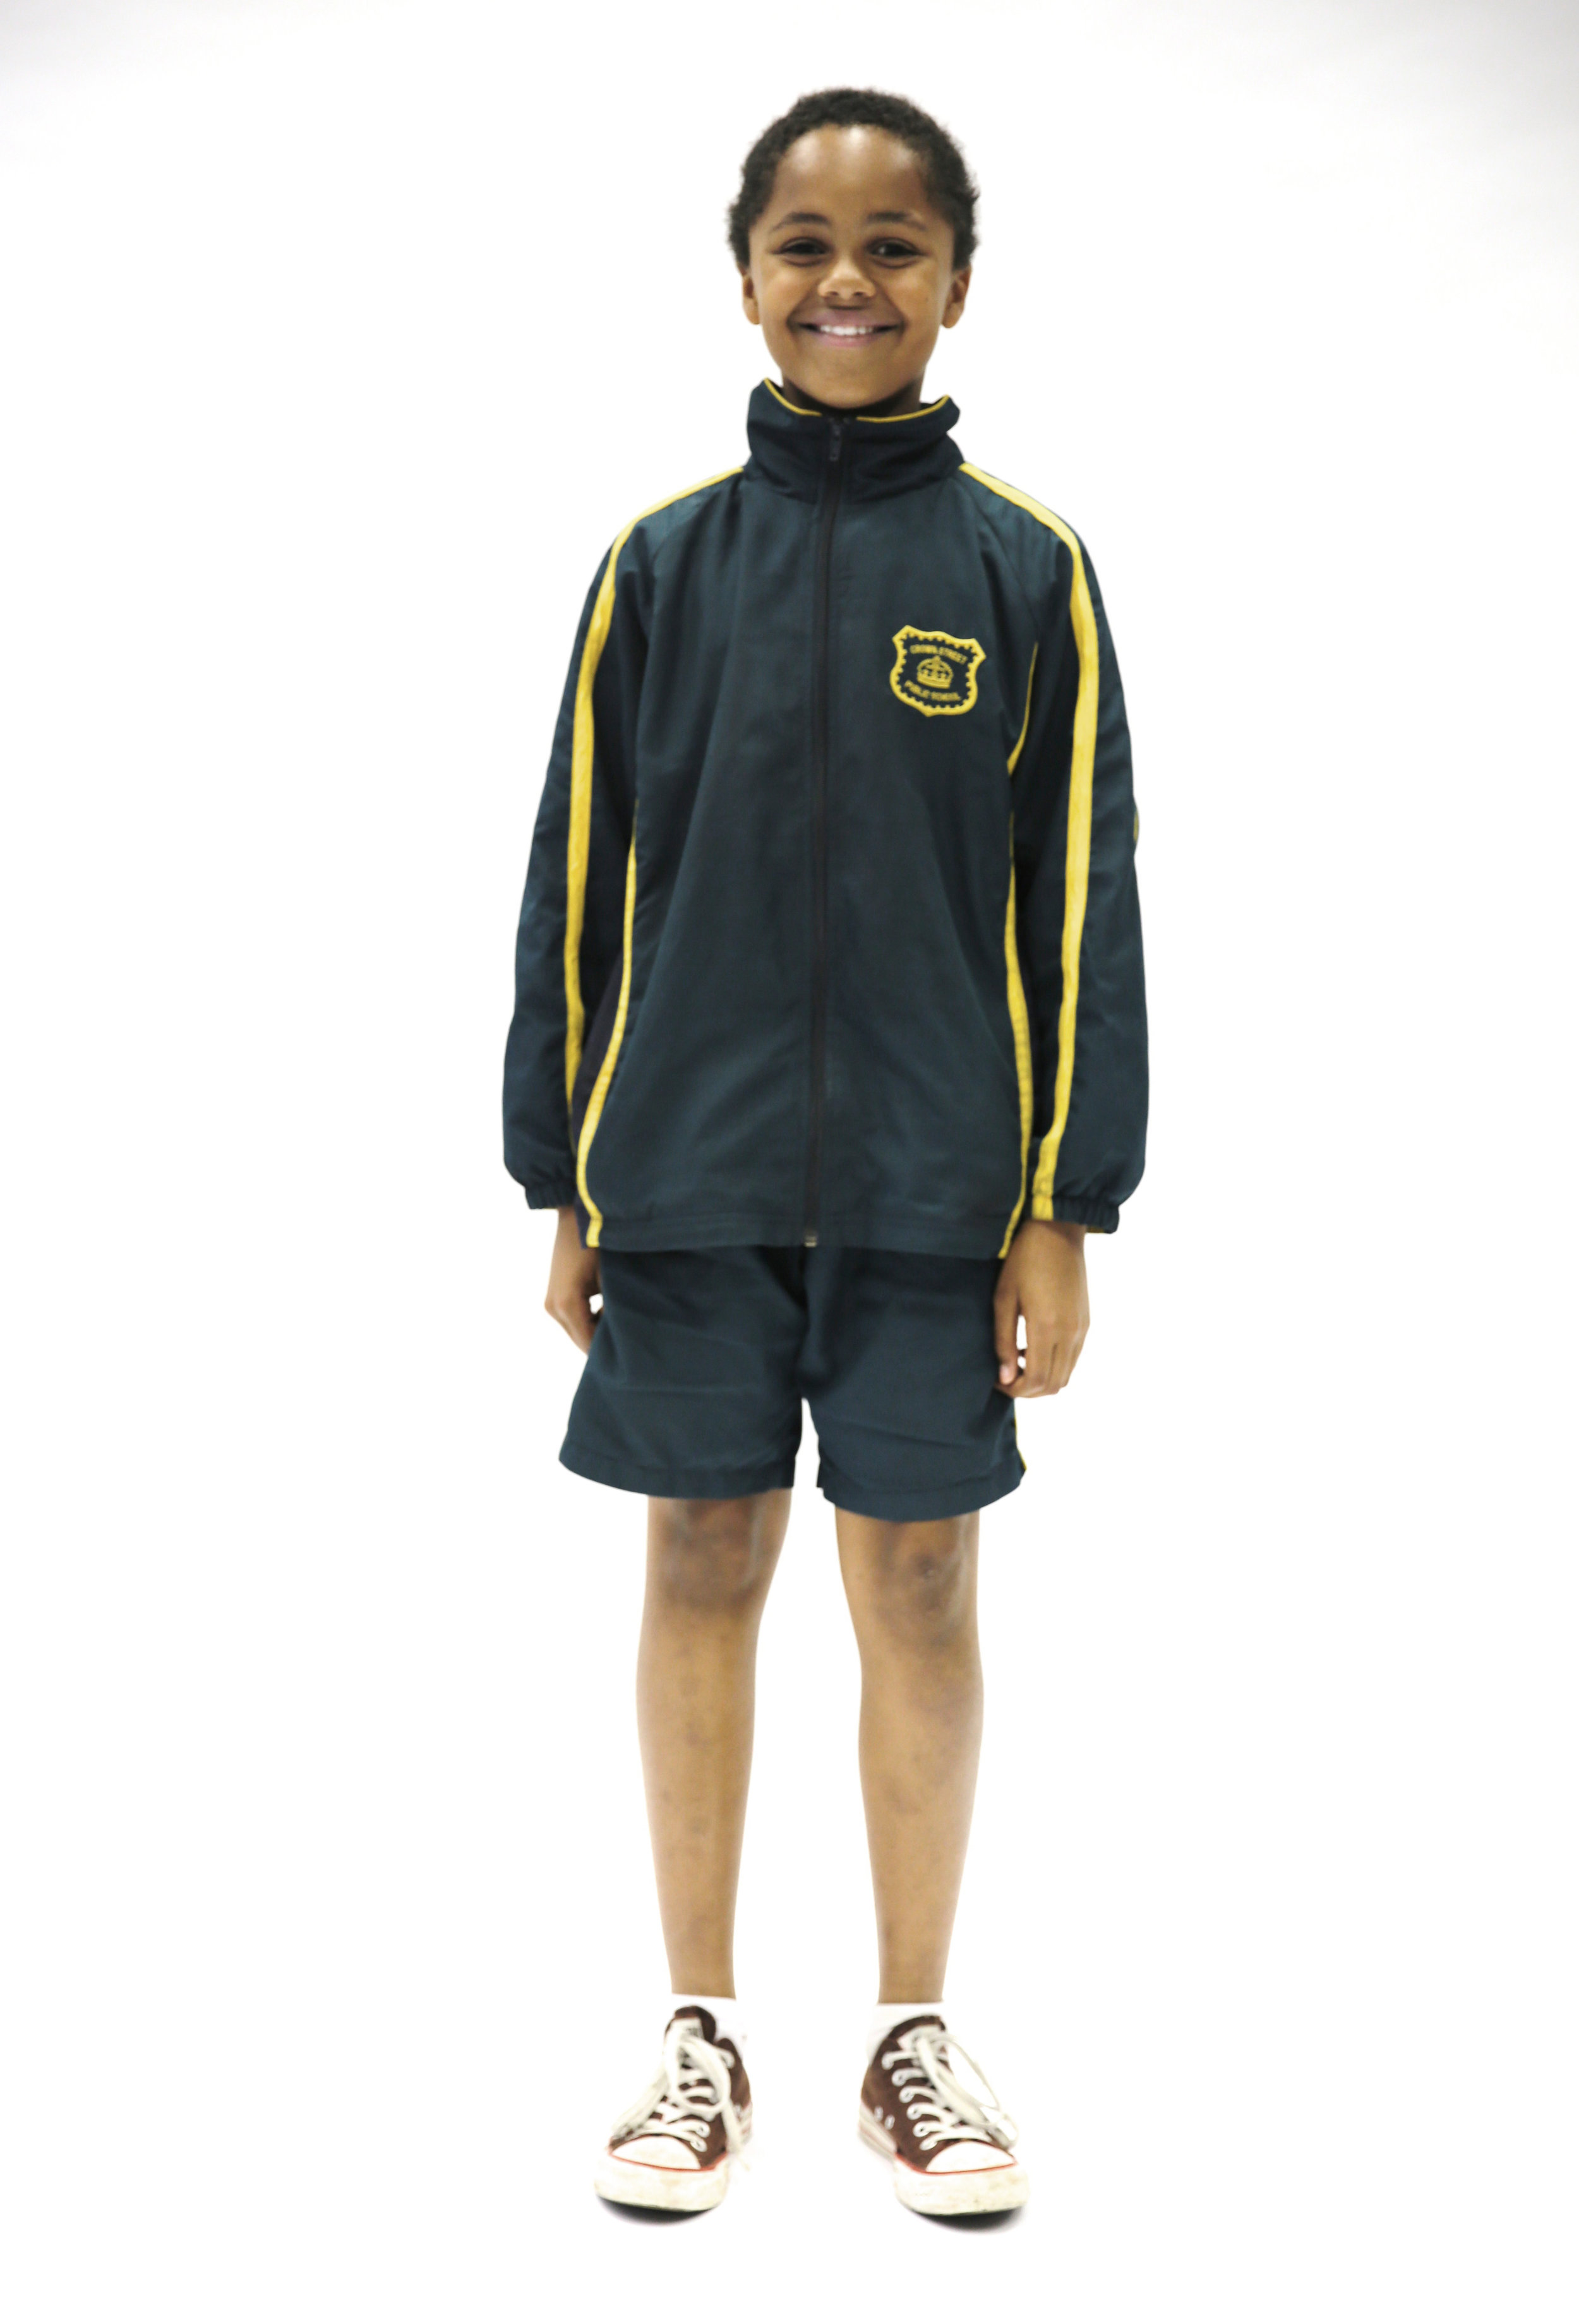 Sports jacket, sports shorts - unisex